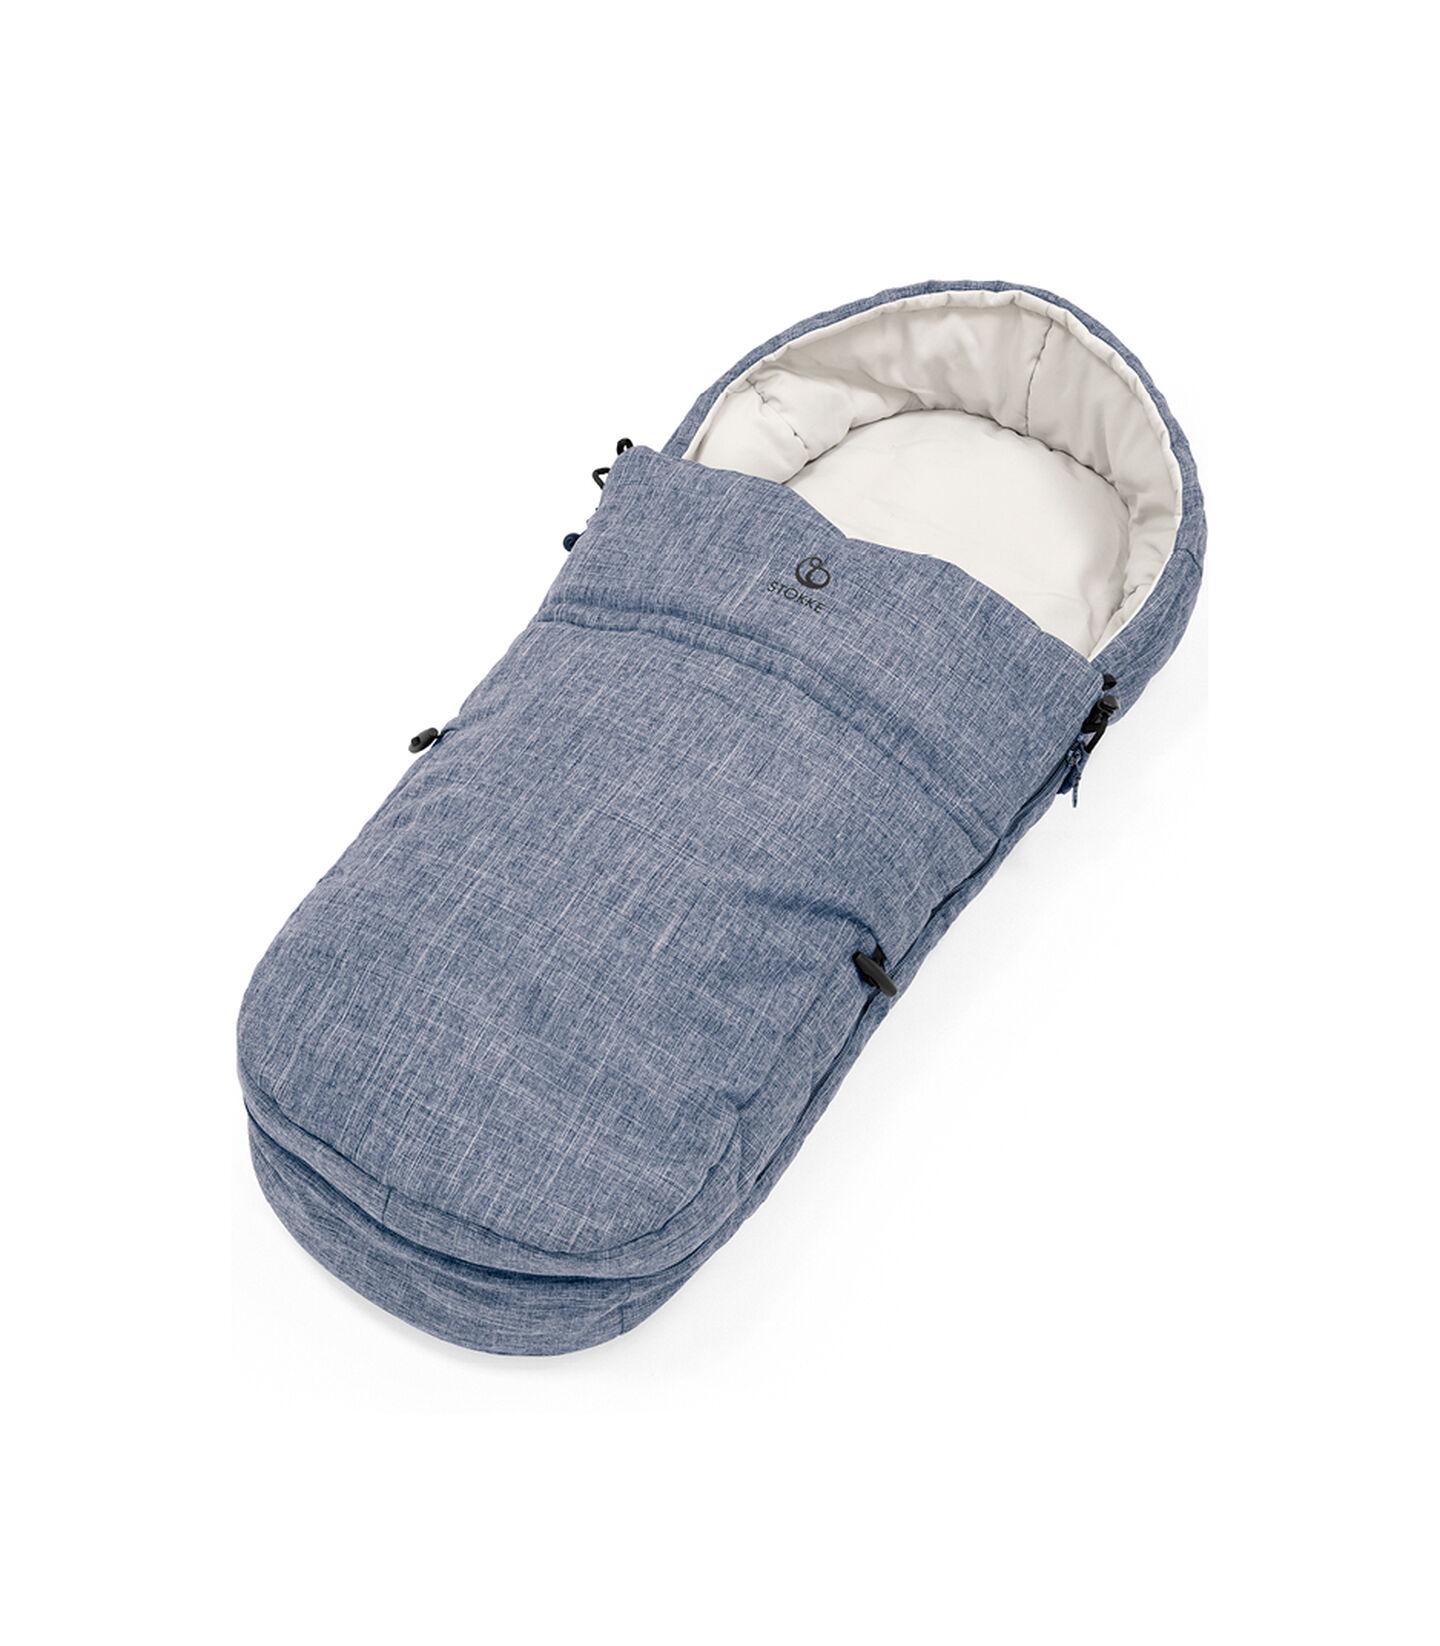 Stokke® Beat™ Soft Bag, Blue Melange. view 1